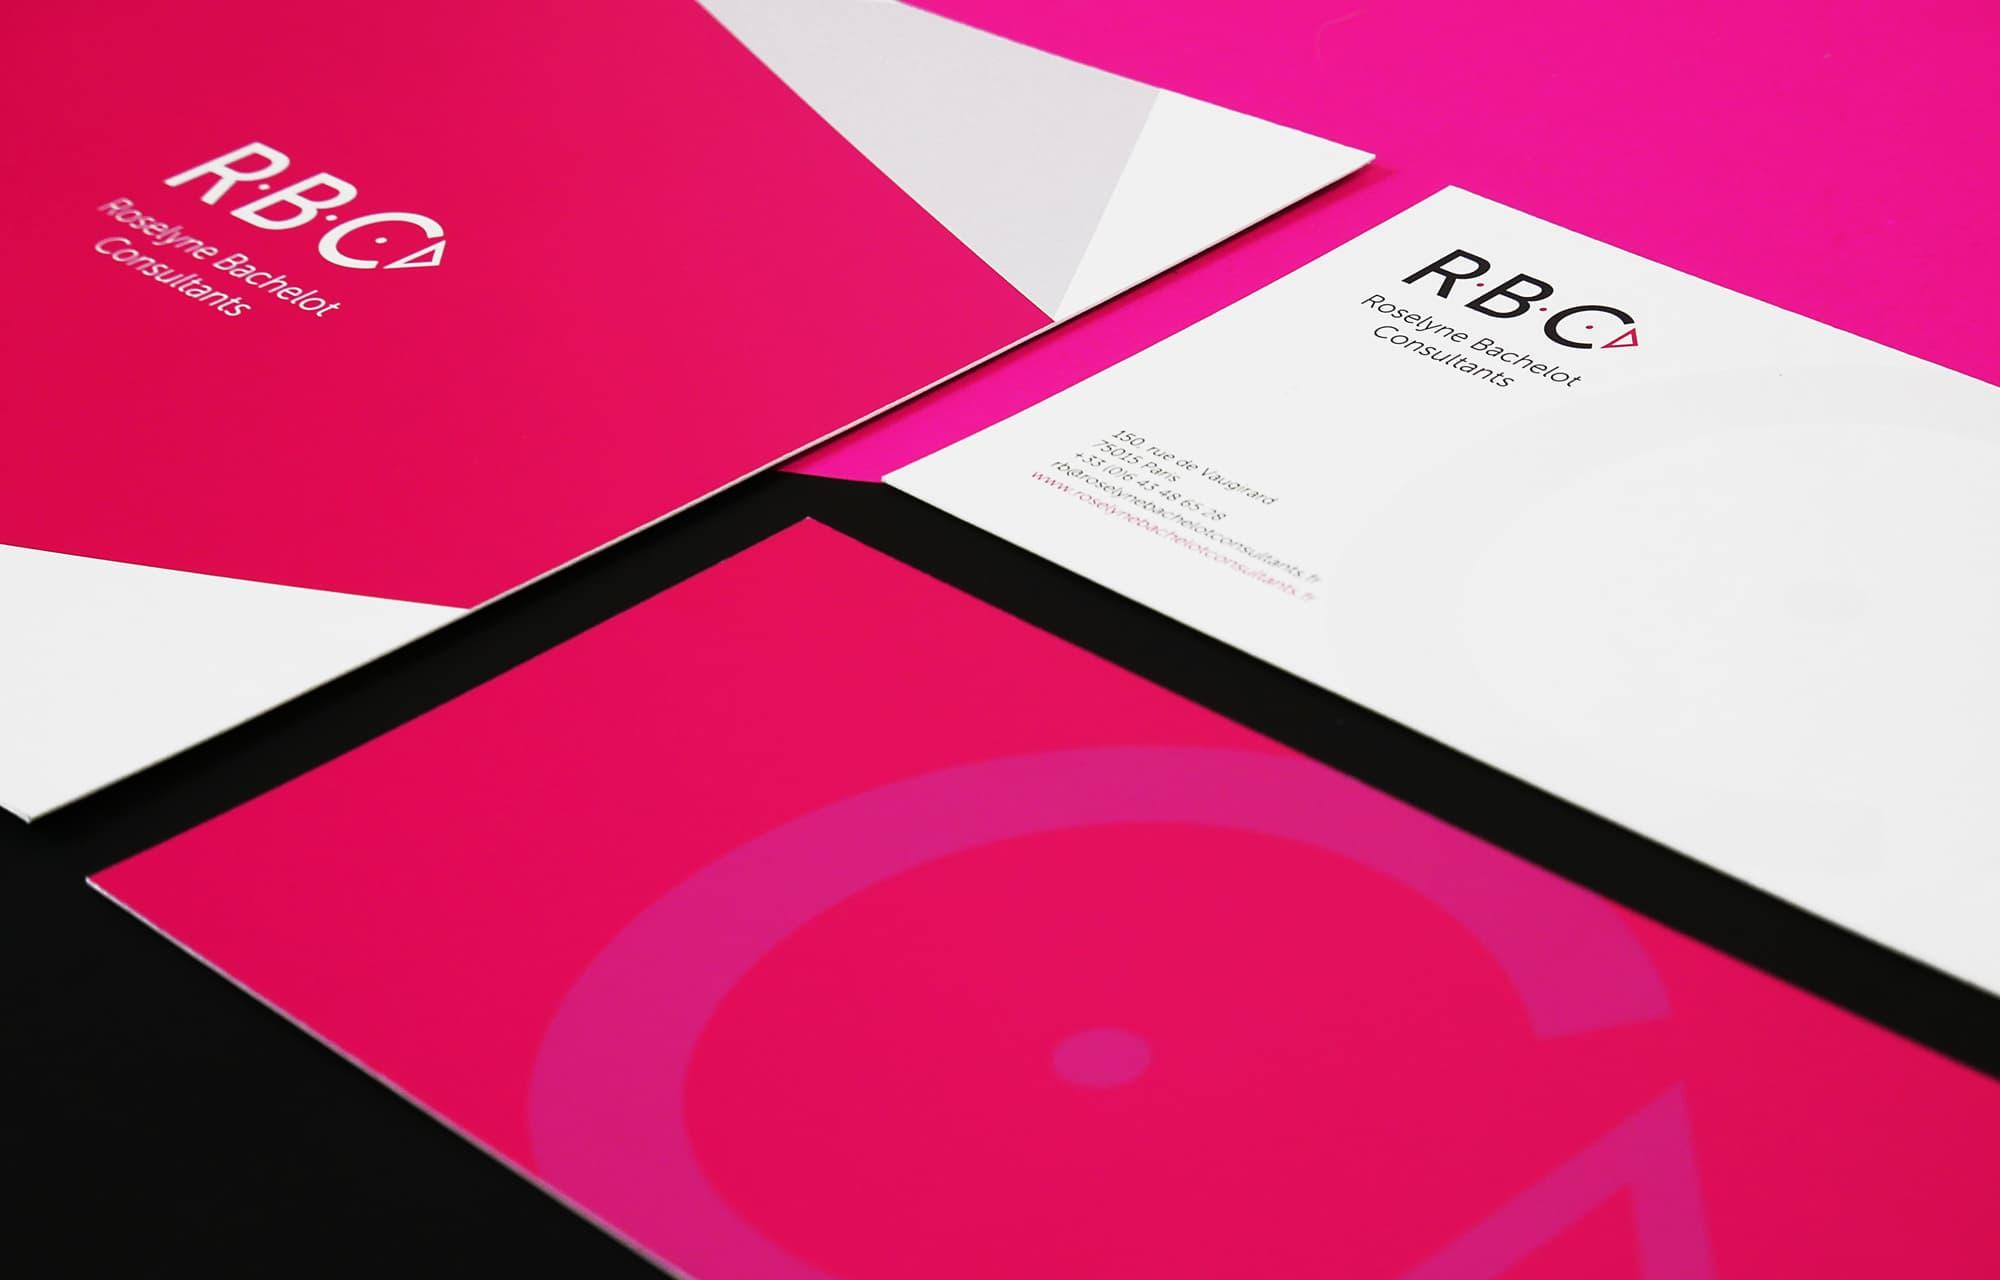 Conception identité visuelle et logo pour le cabinet Roselyne Bachelot Consultant